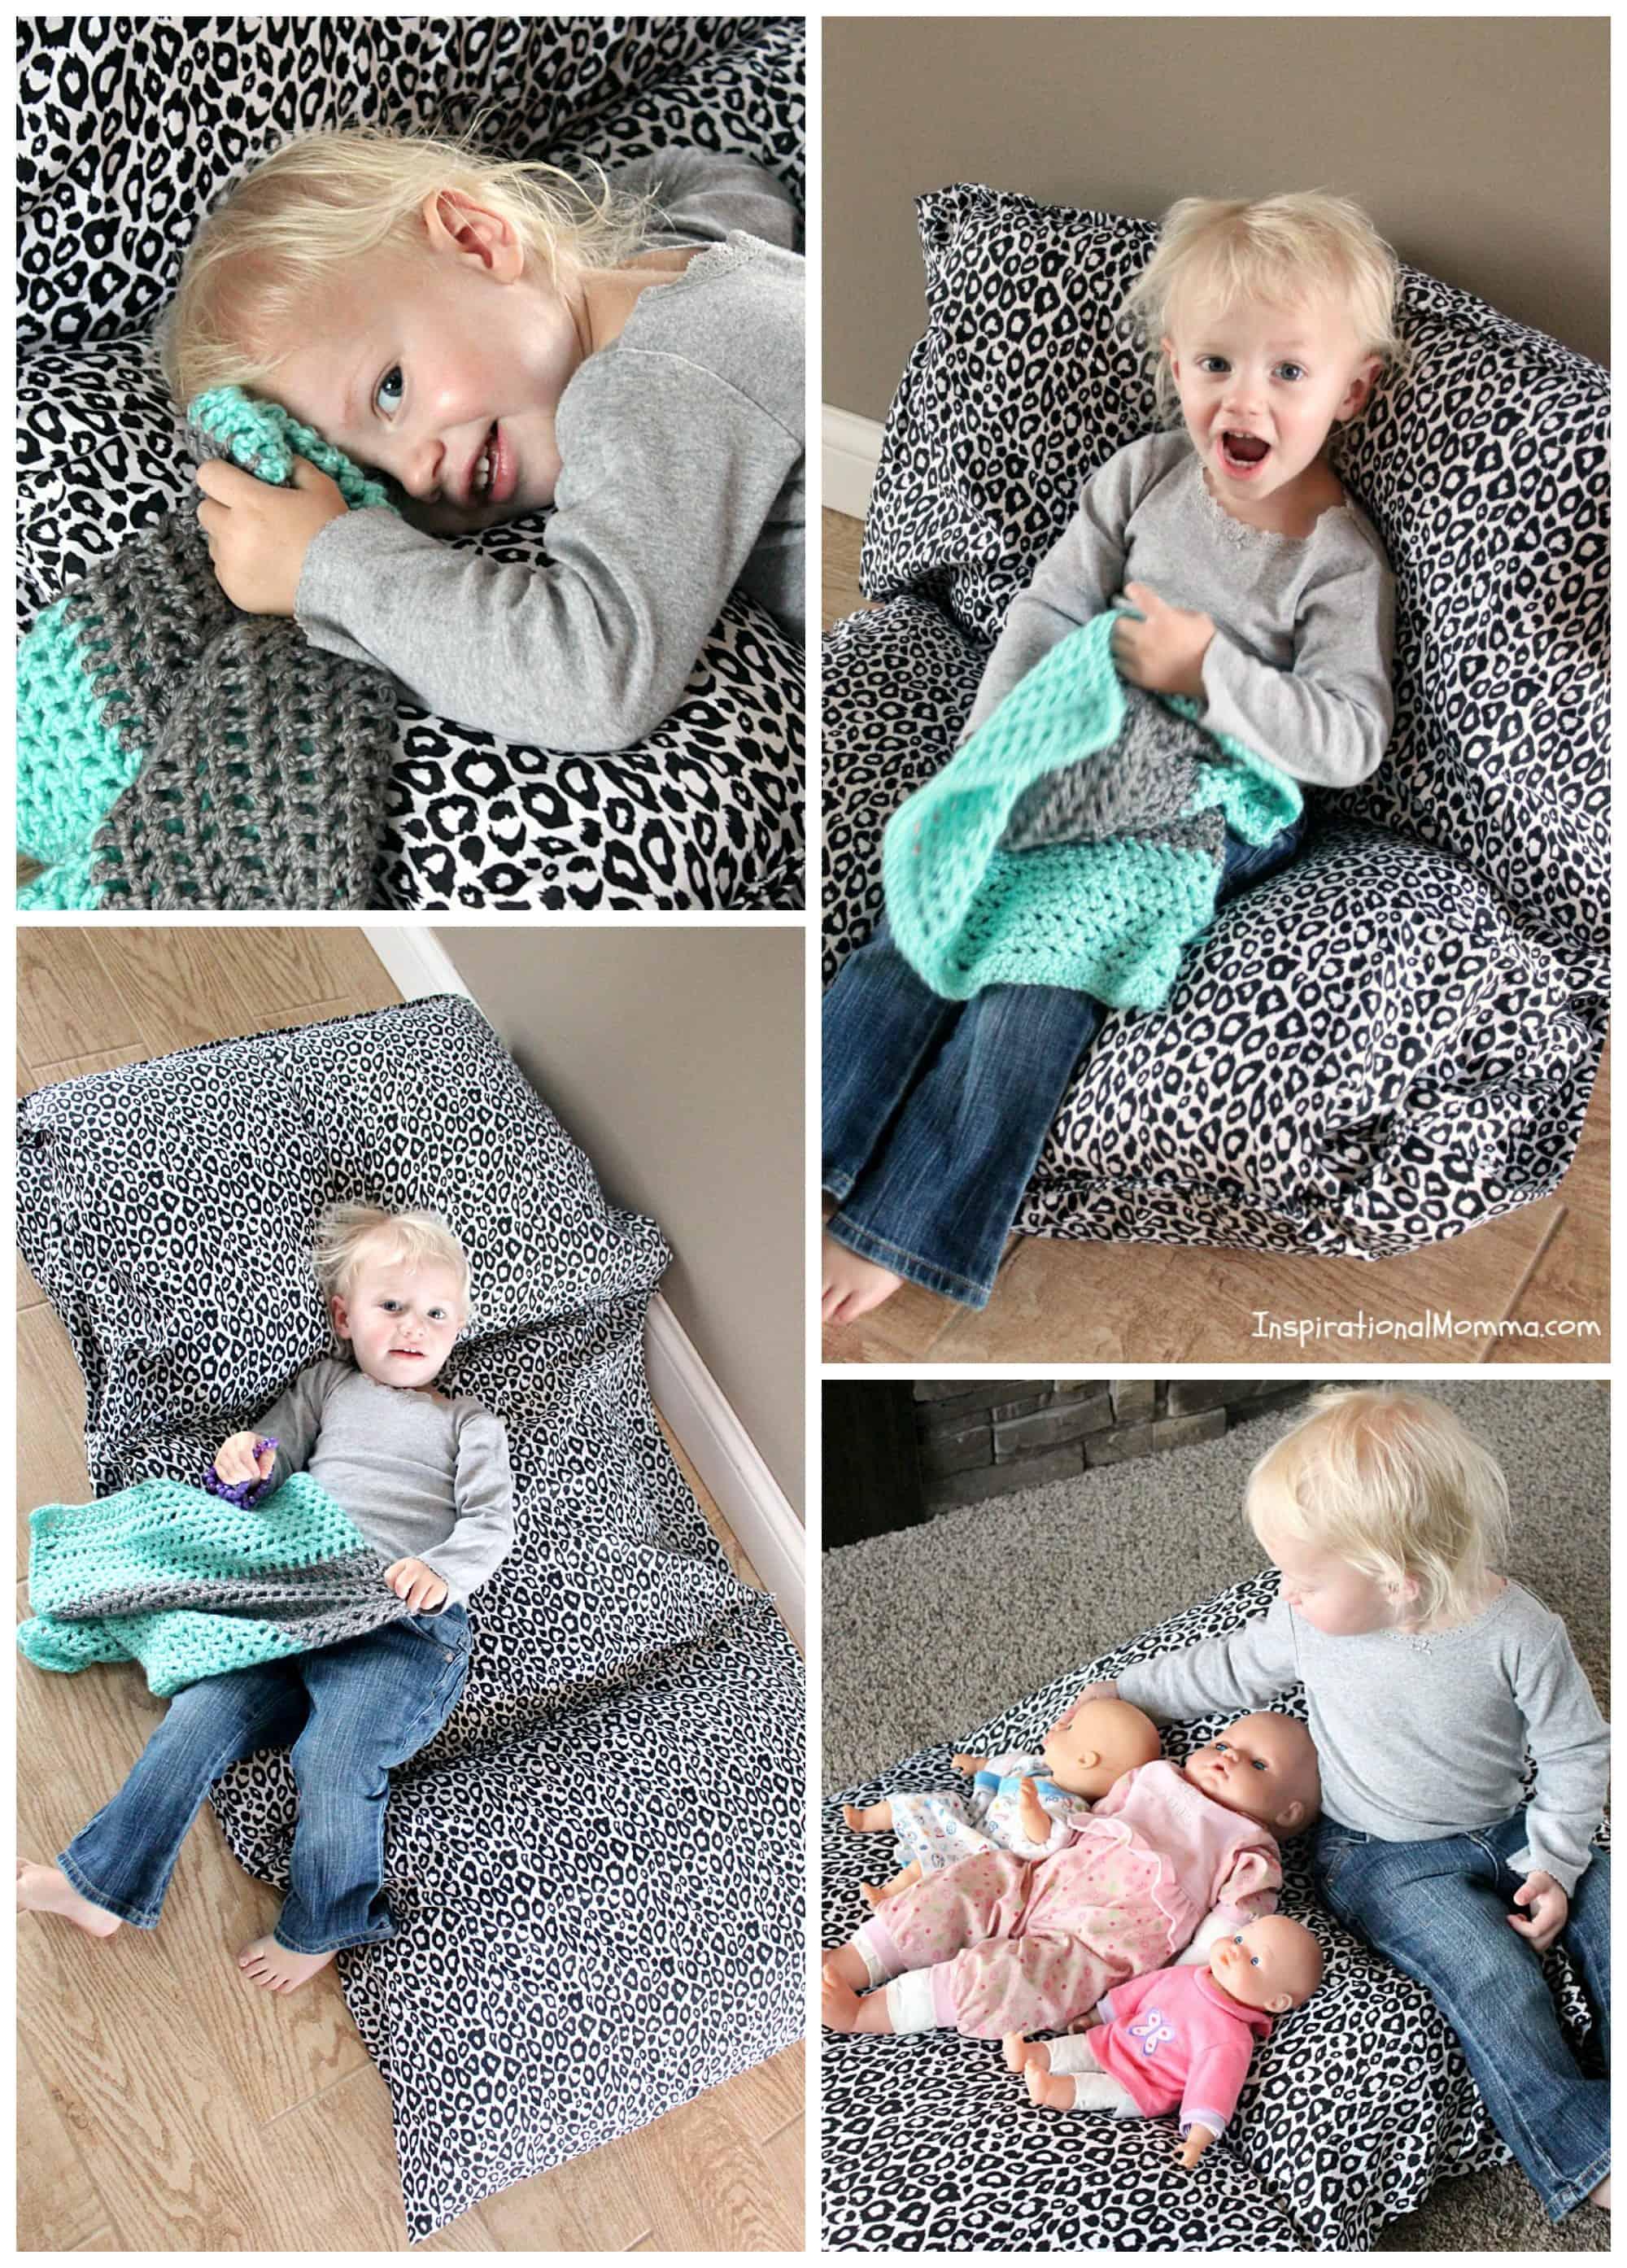 pillowcase bed chair